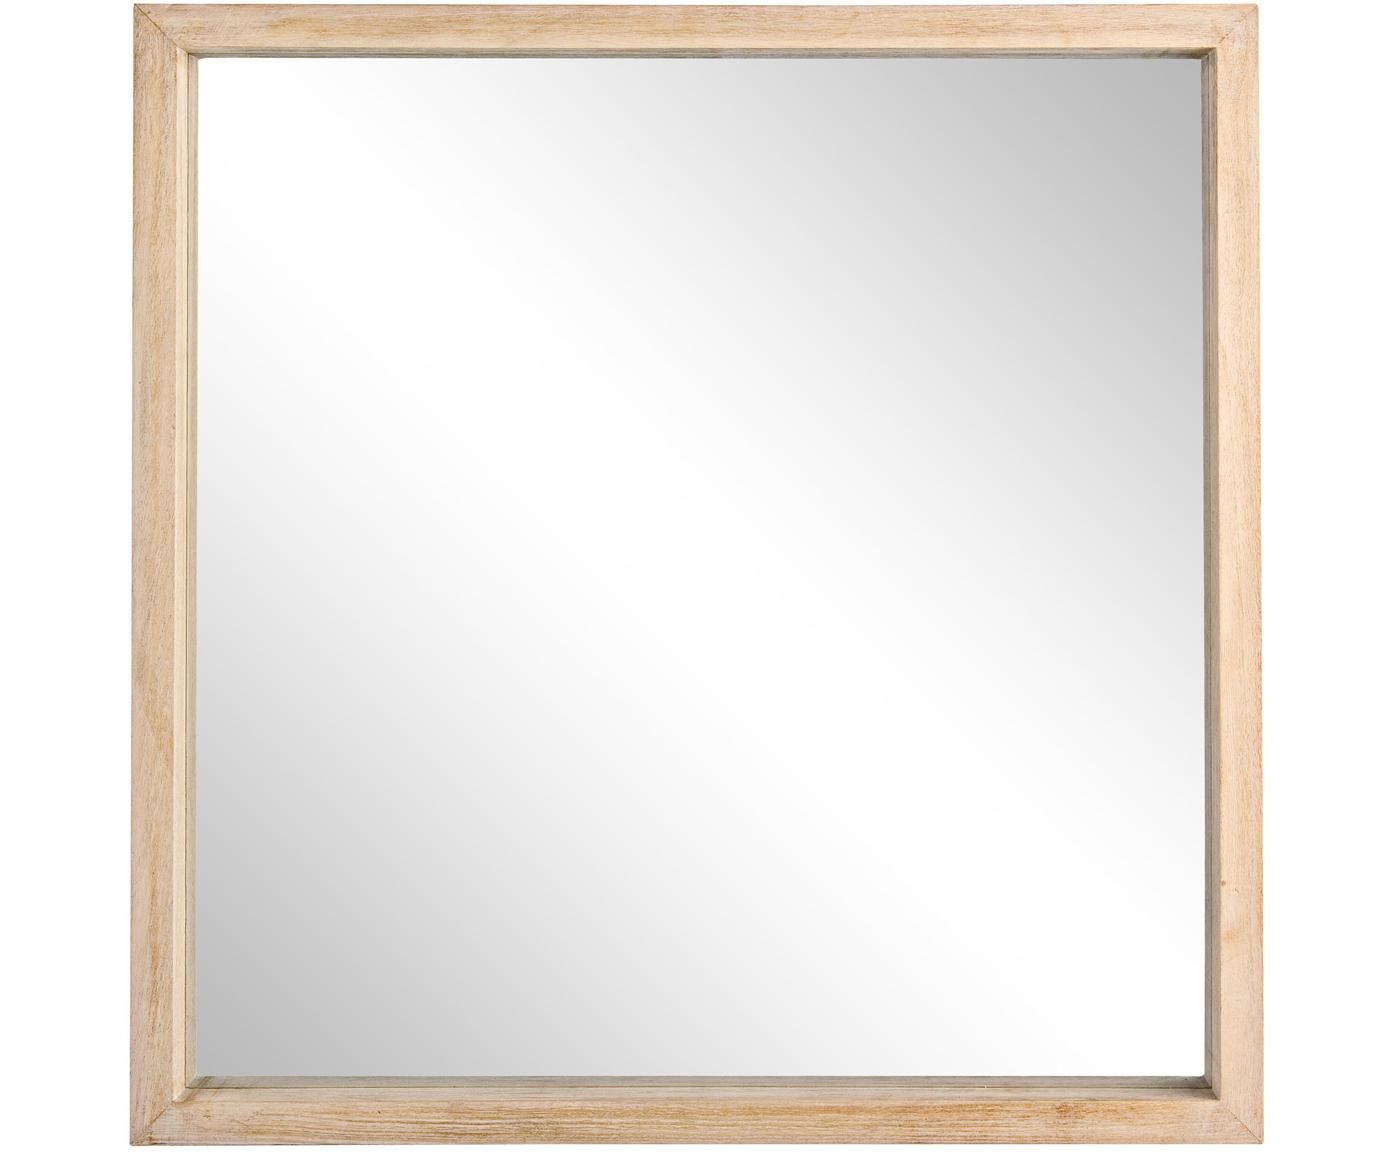 Specchio da parete Tiziano, Cornice: legno di Paulownia, Superficie dello specchio: lastra di vetro, Legno di Paulownia, Larg. 52 x Alt. 52 cm